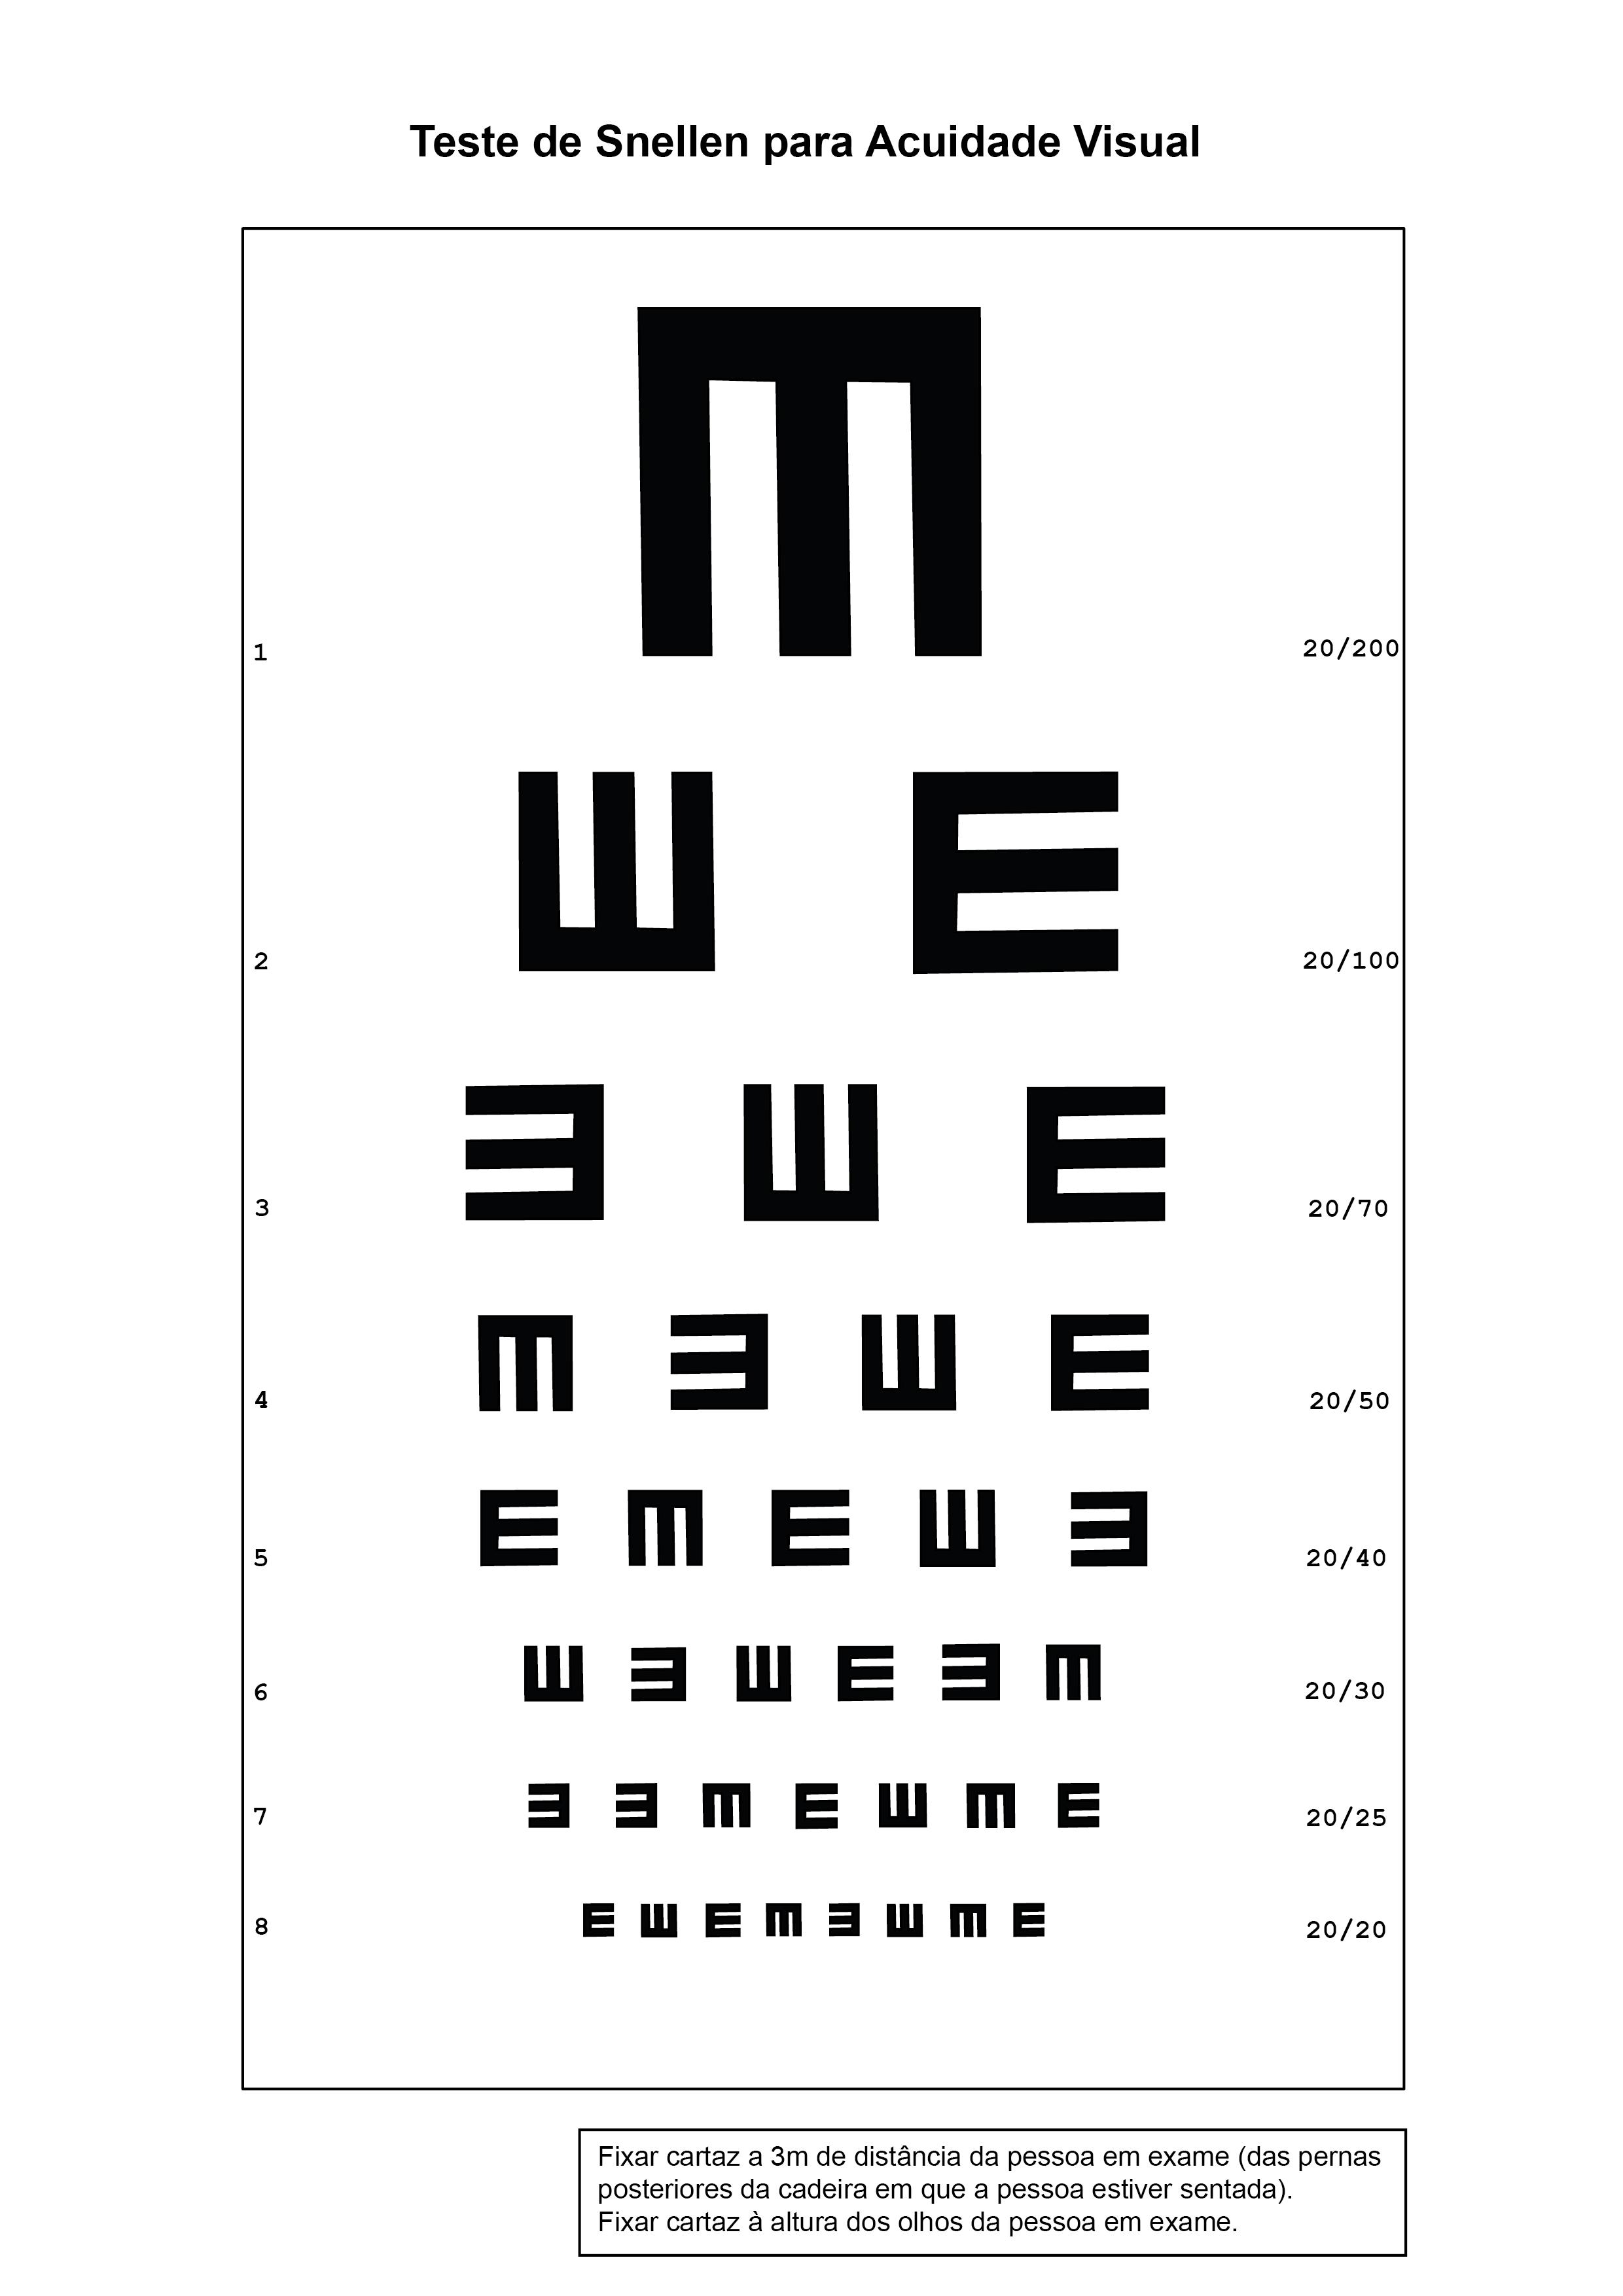 Таблица для проверки зрения — как определит отклонения от нормы